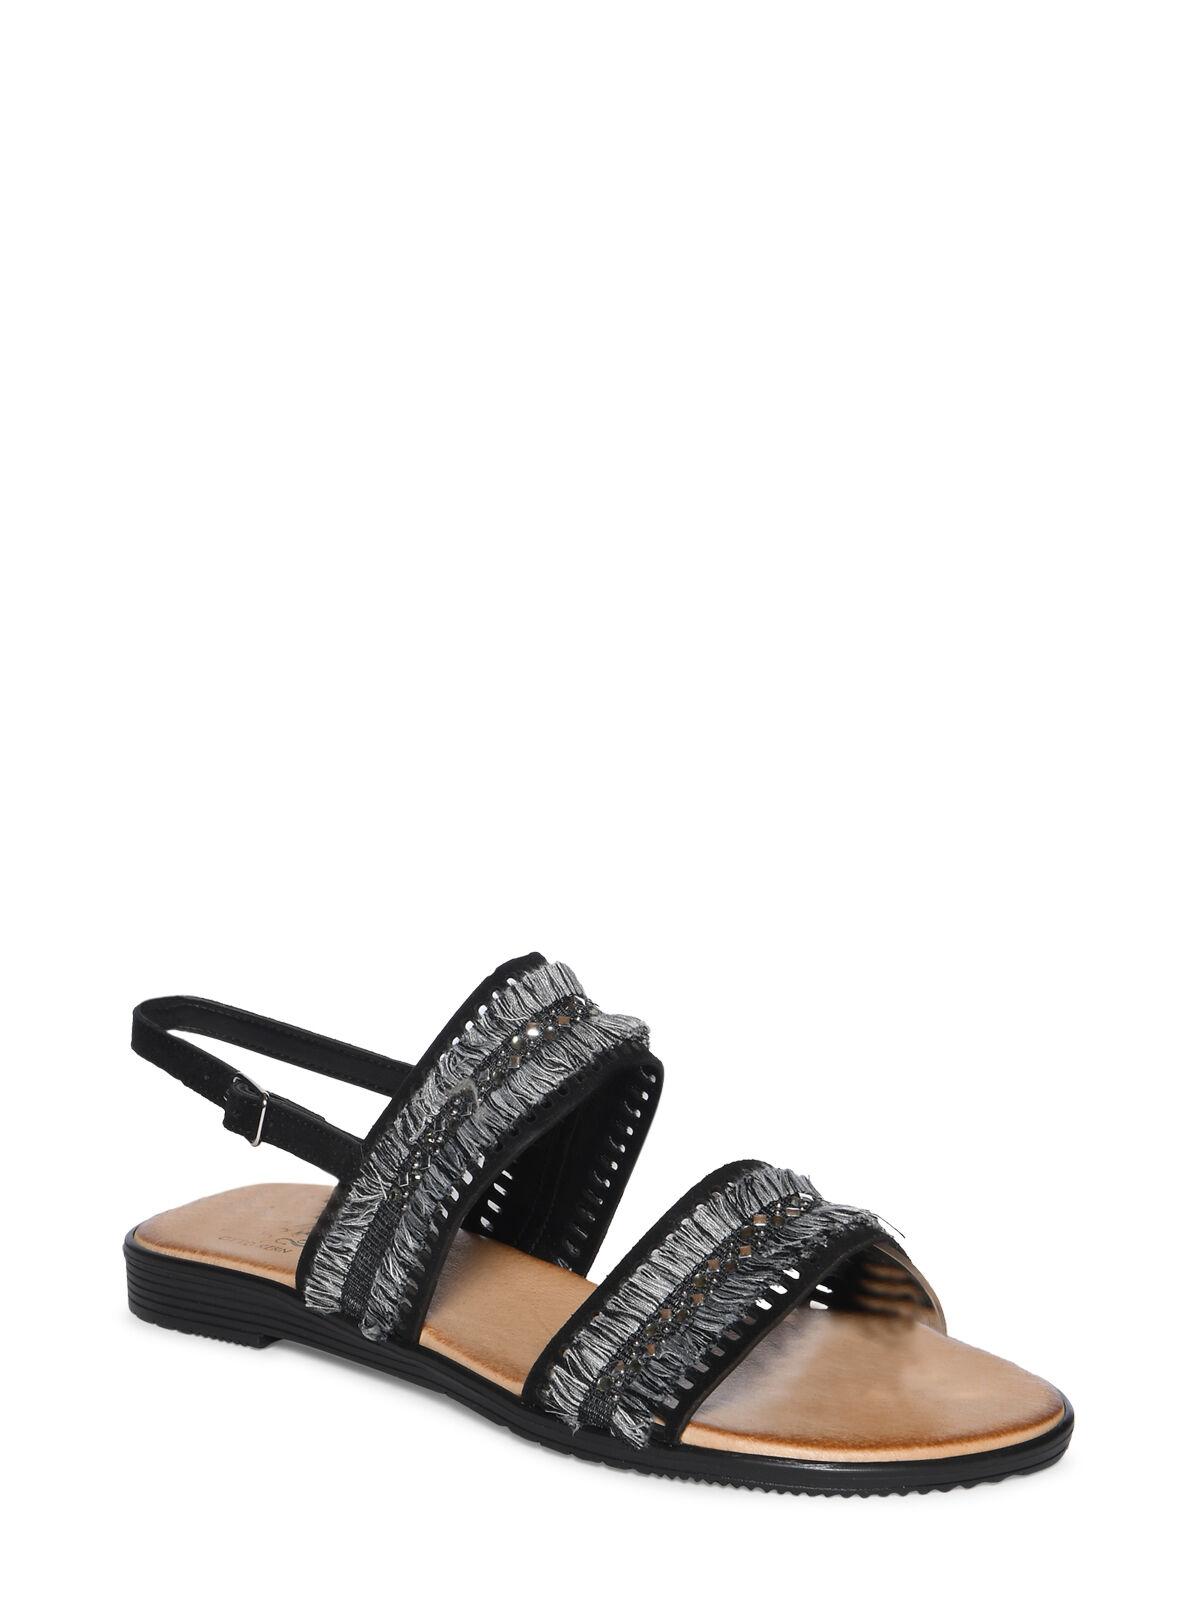 sandalen mit fransen schwarz